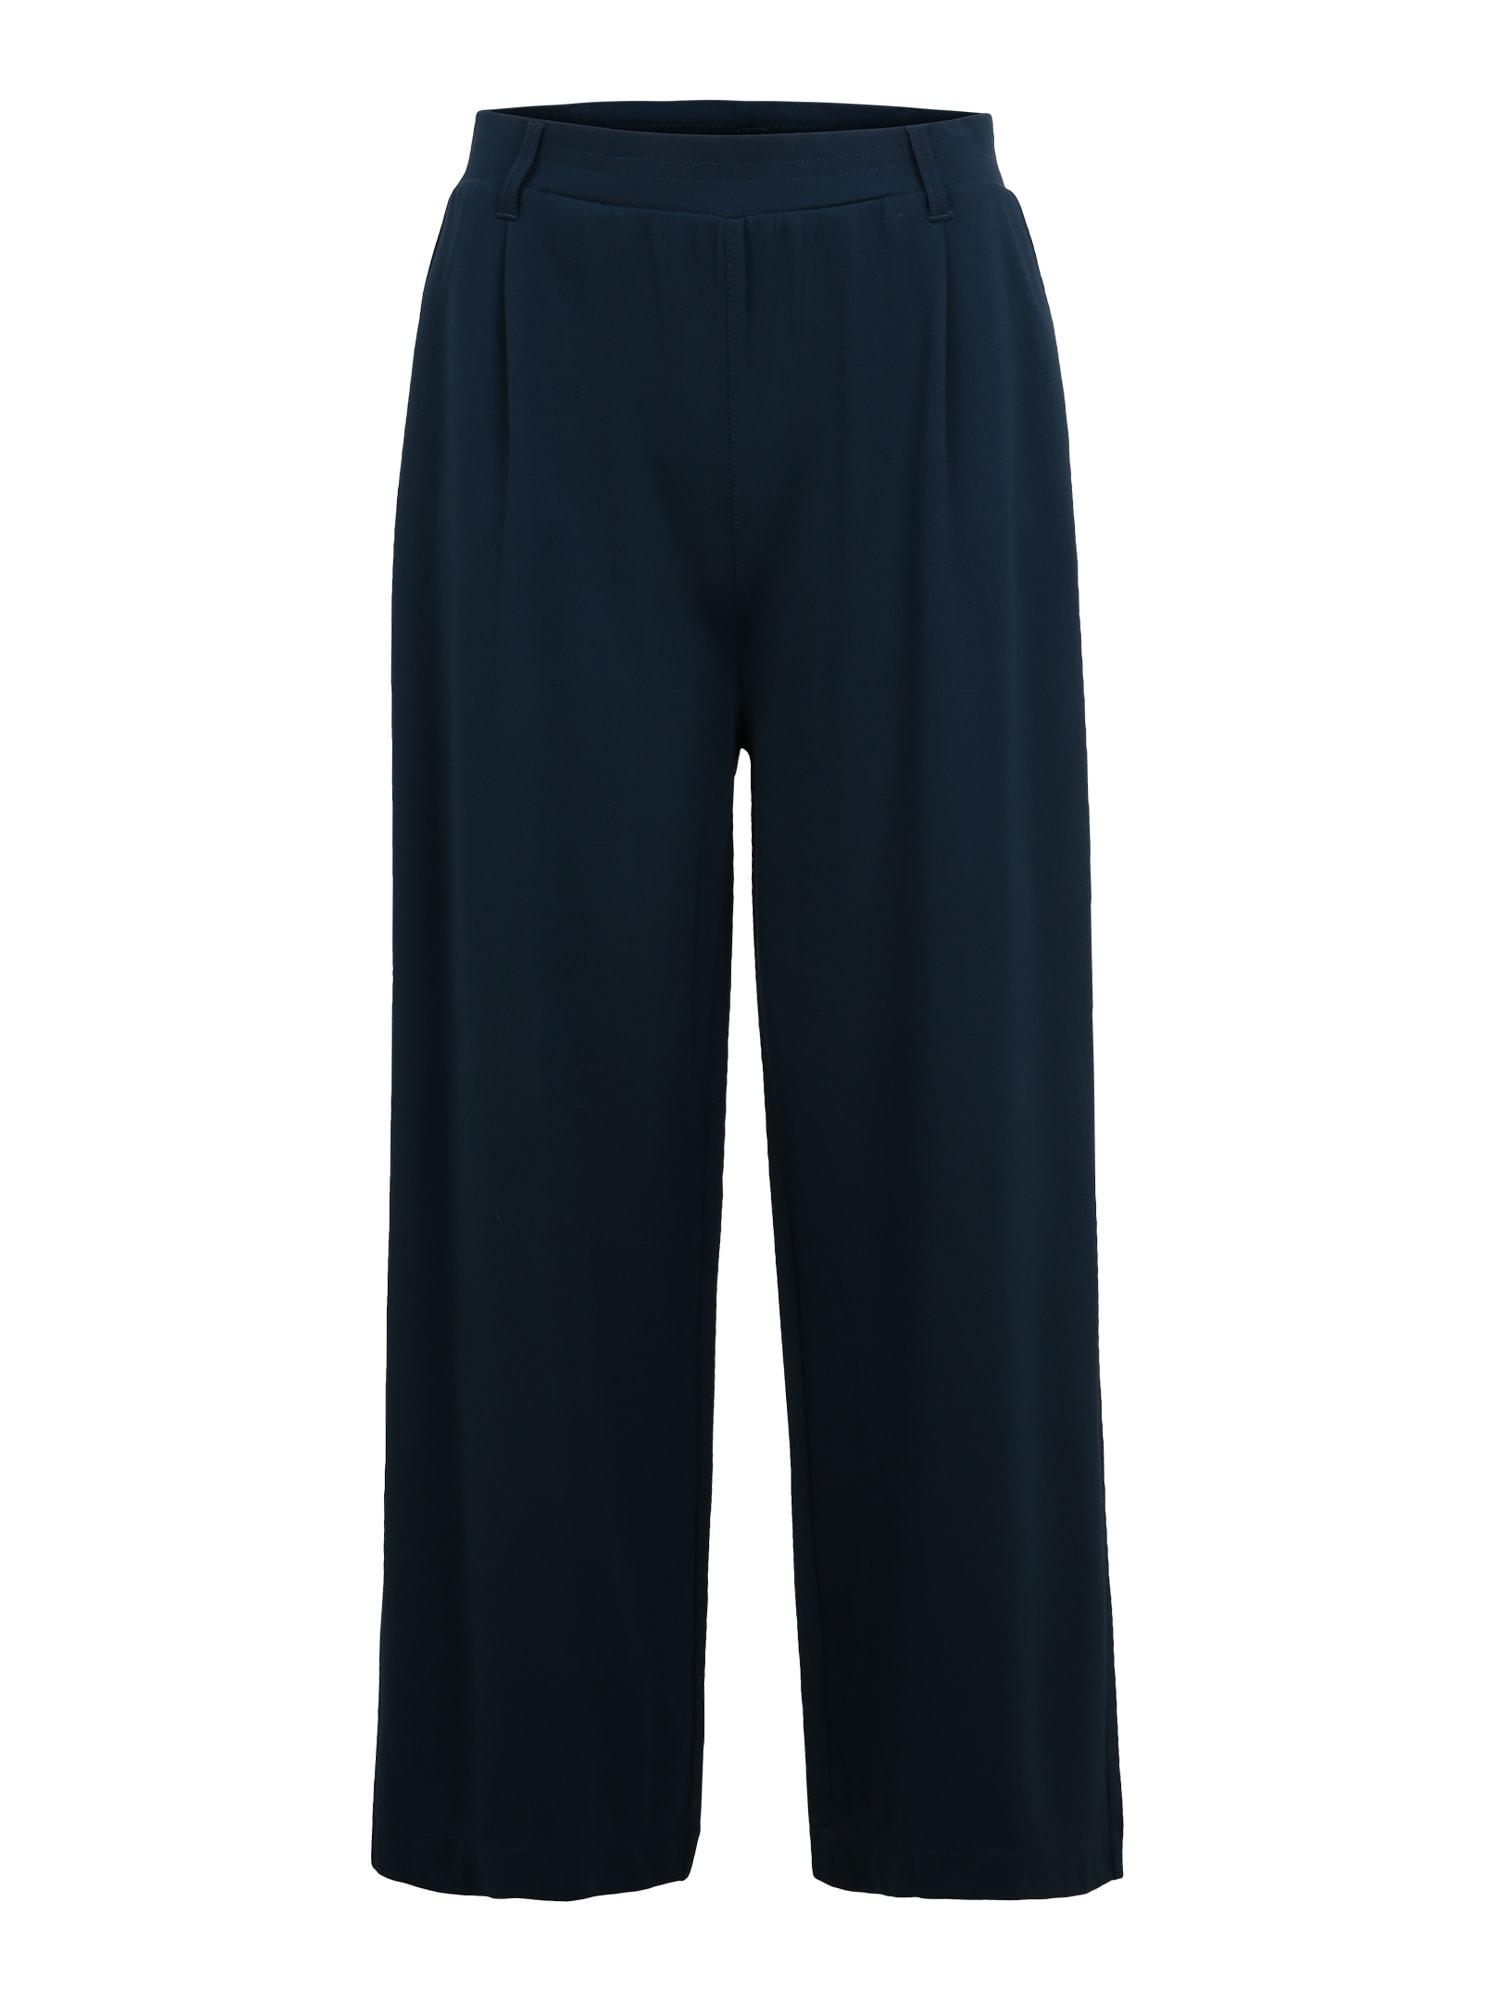 Q/S designed by Klostuotos kelnės tamsiai mėlyna